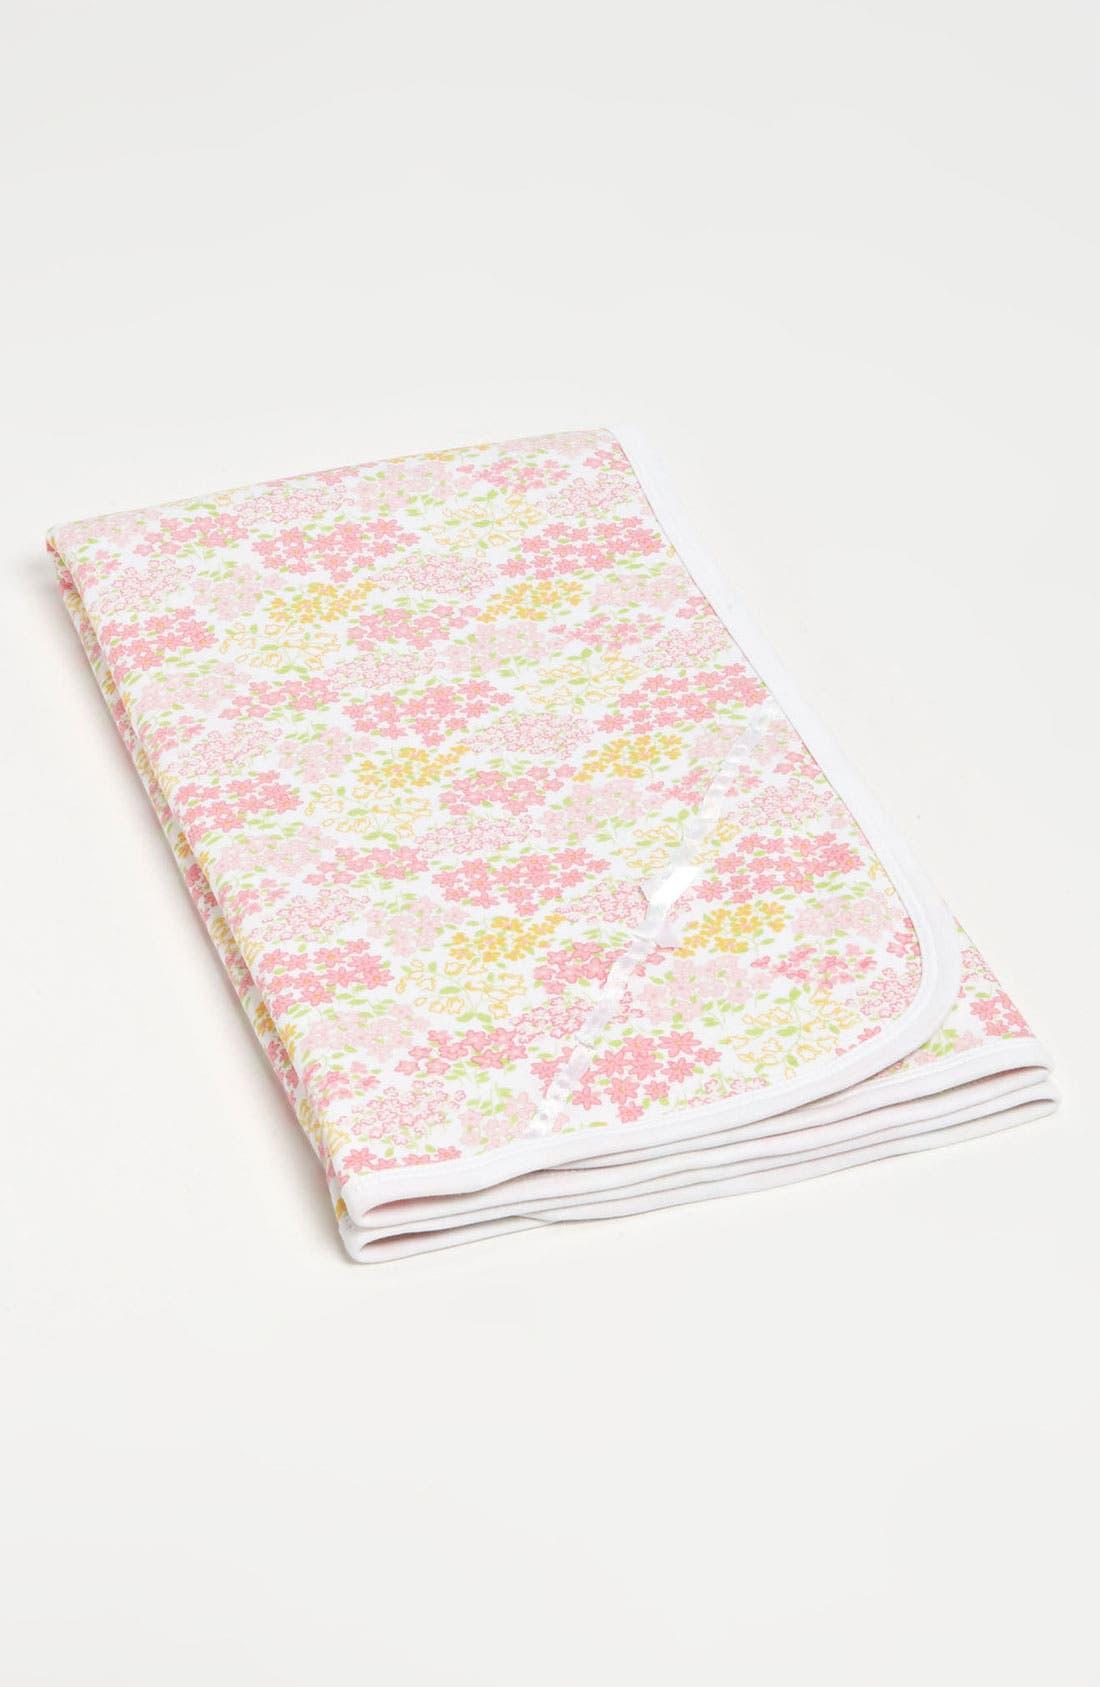 Main Image - Little Me 'Garden' Blanket